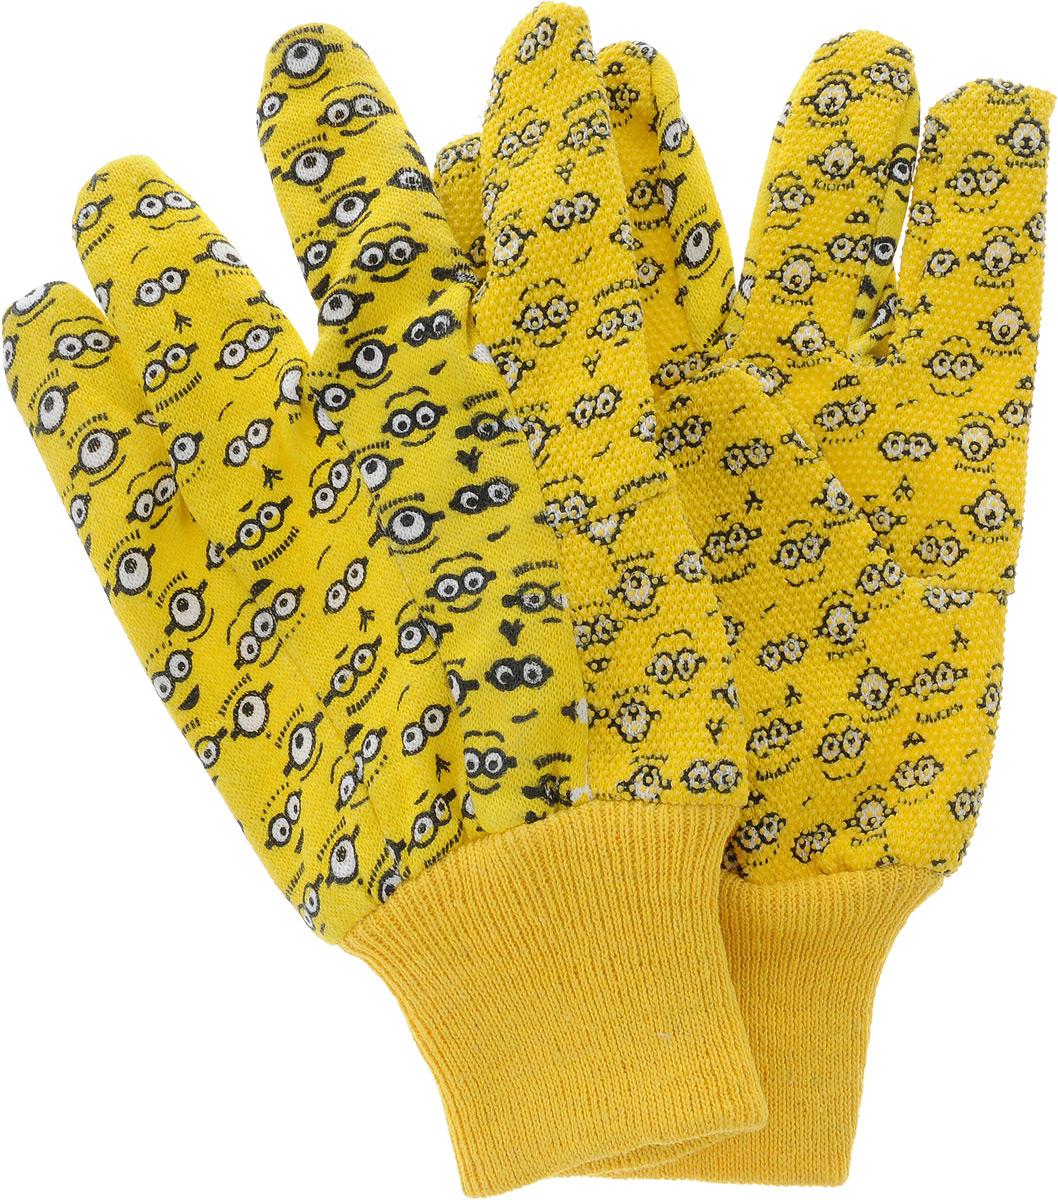 Перчатки садовые Garden Show Миньоны, трикотажные, с манжетой и точками, цвет: желтый. Размер S (8)466350_желтыйПерчатки садовые Garden Show Миньоны, трикотажные, с манжетой и точками, цвет: желтый. Размер S (8)